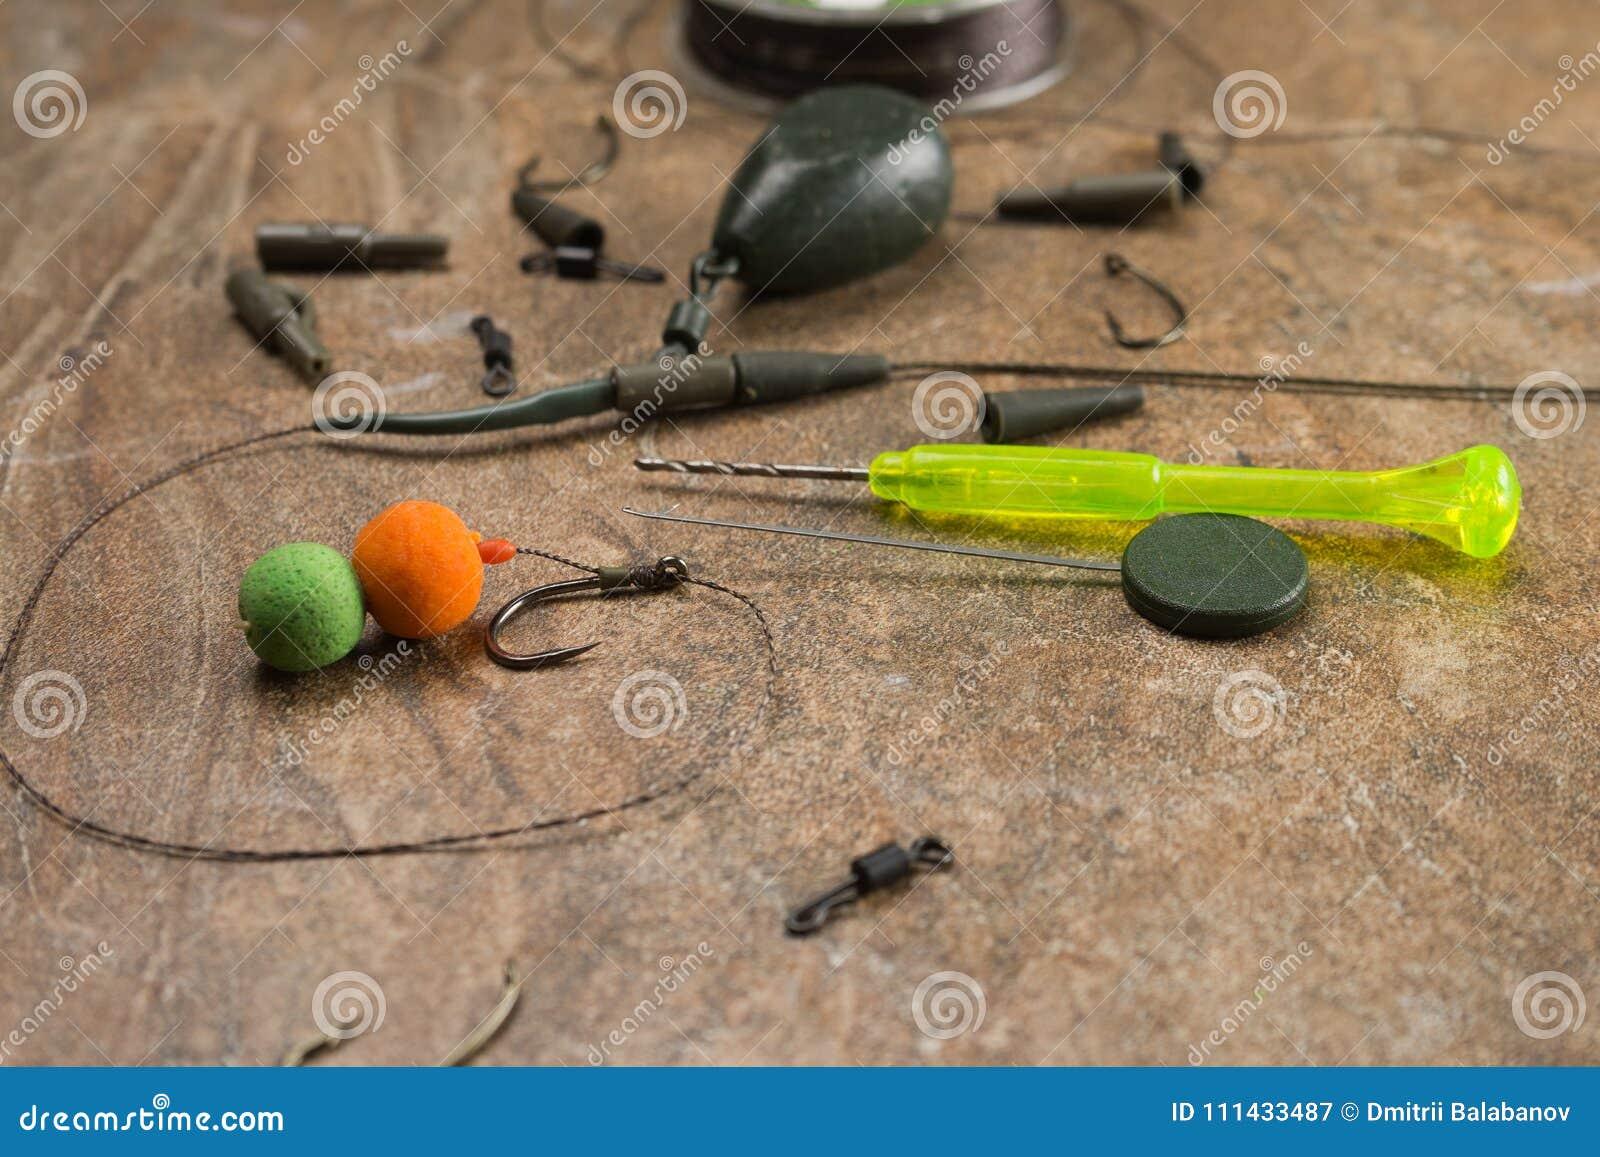 Het aas, haken, zinkloden, ledcor treft voor karper visserij voorbereidingen Exemplaardeeg